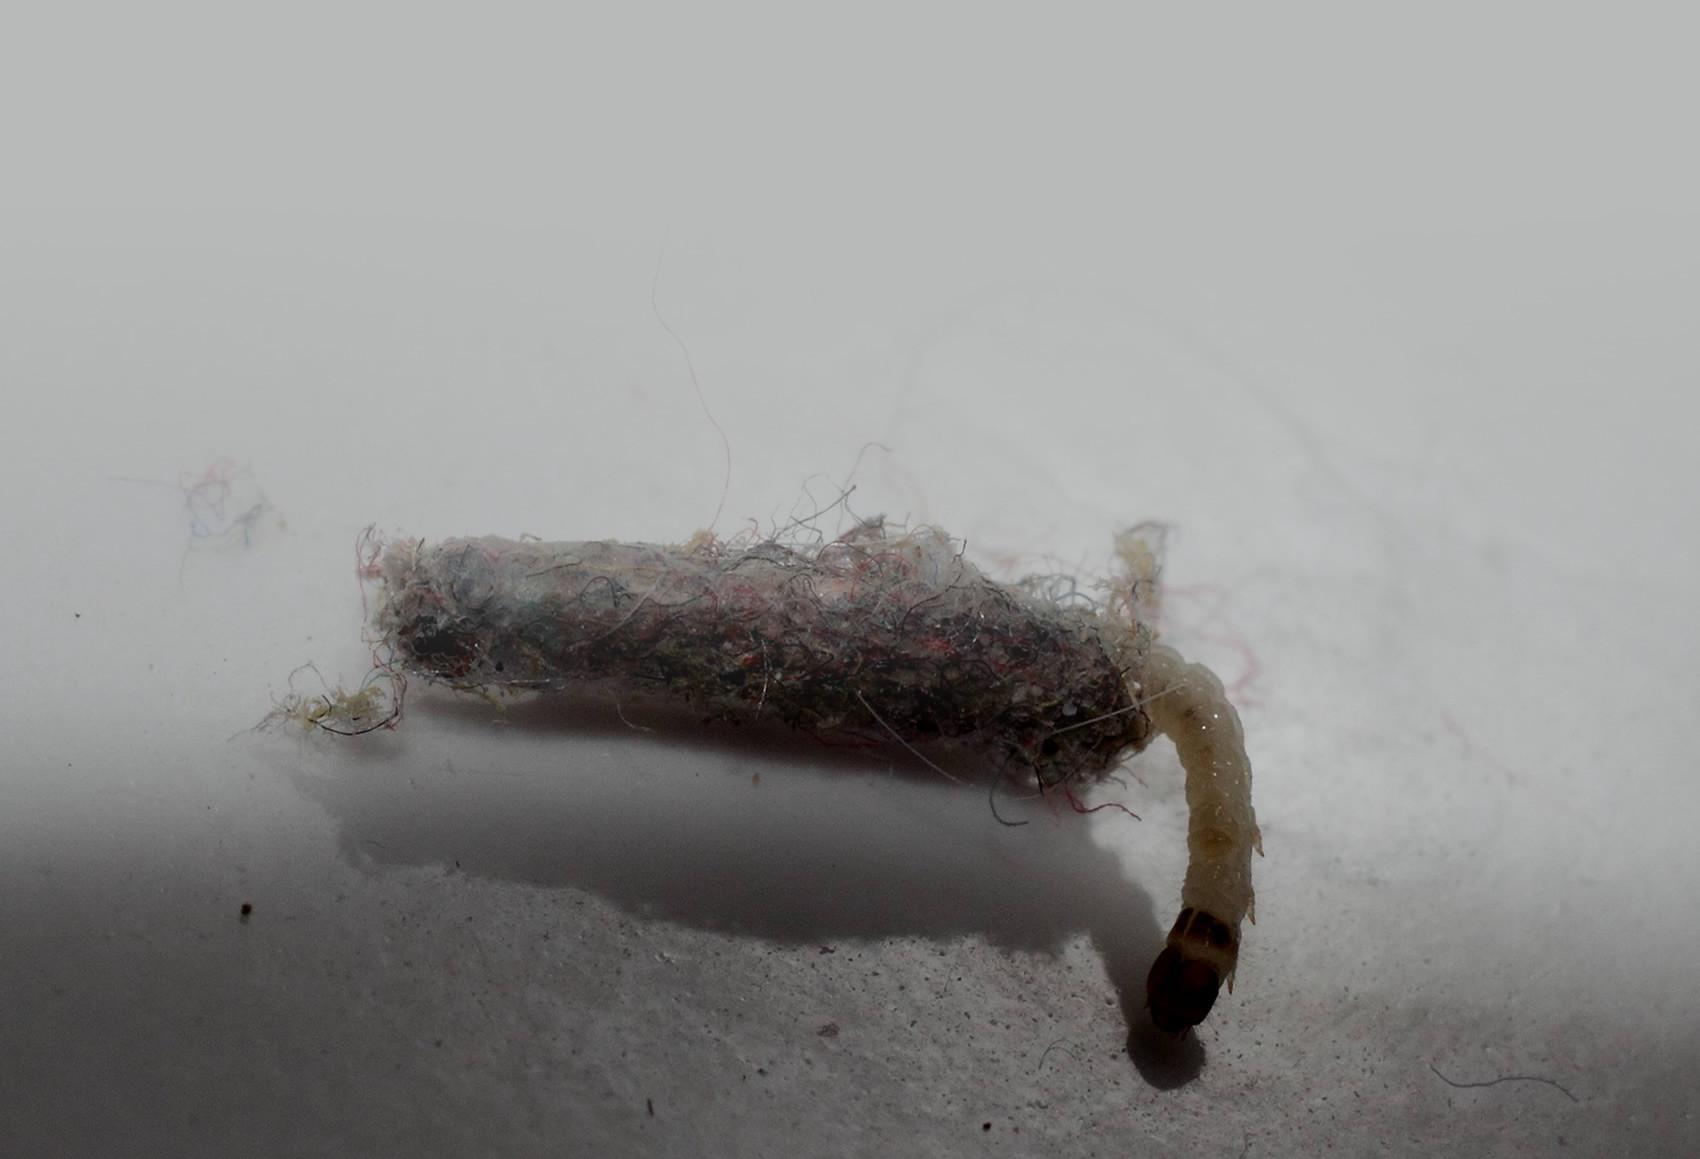 Tinea Pellionella o Tarma delle Pellicce